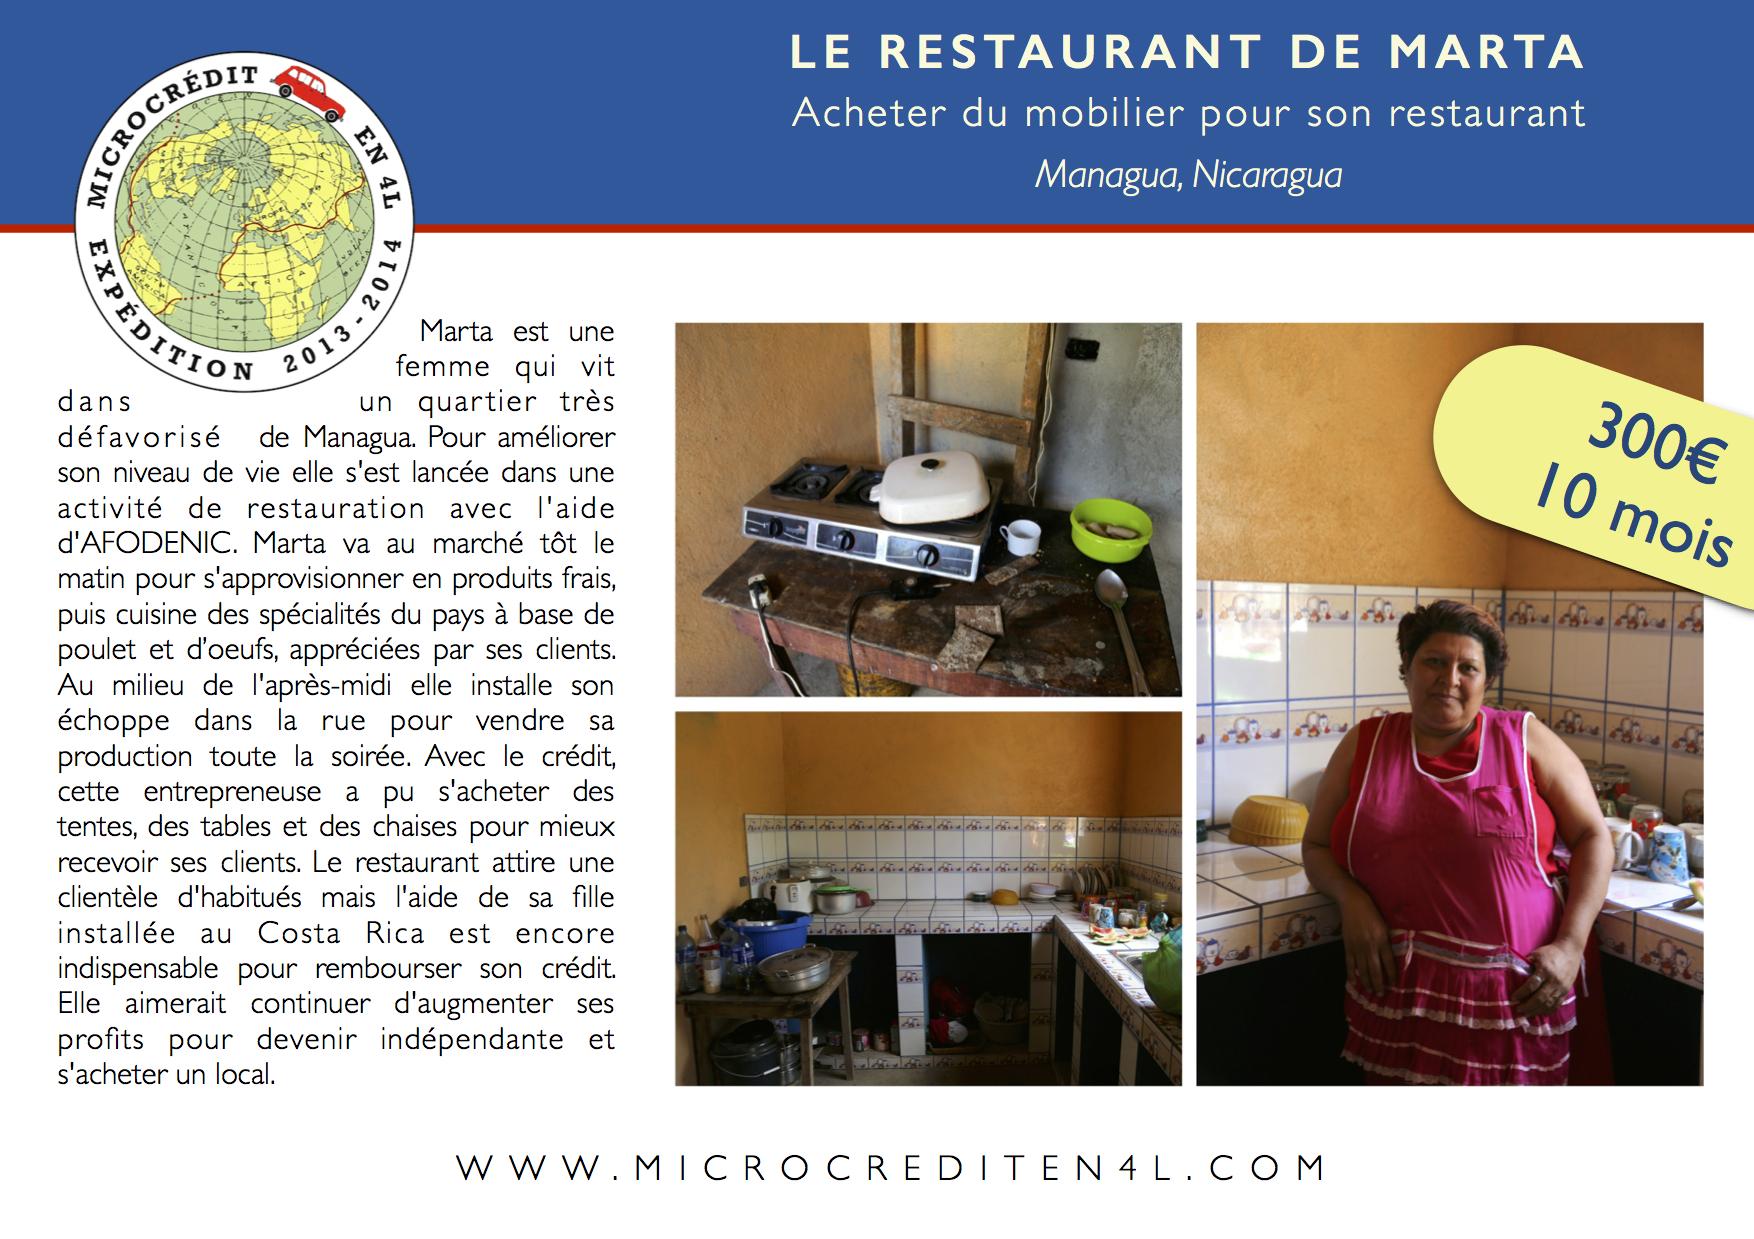 Le Restaurant de Marta